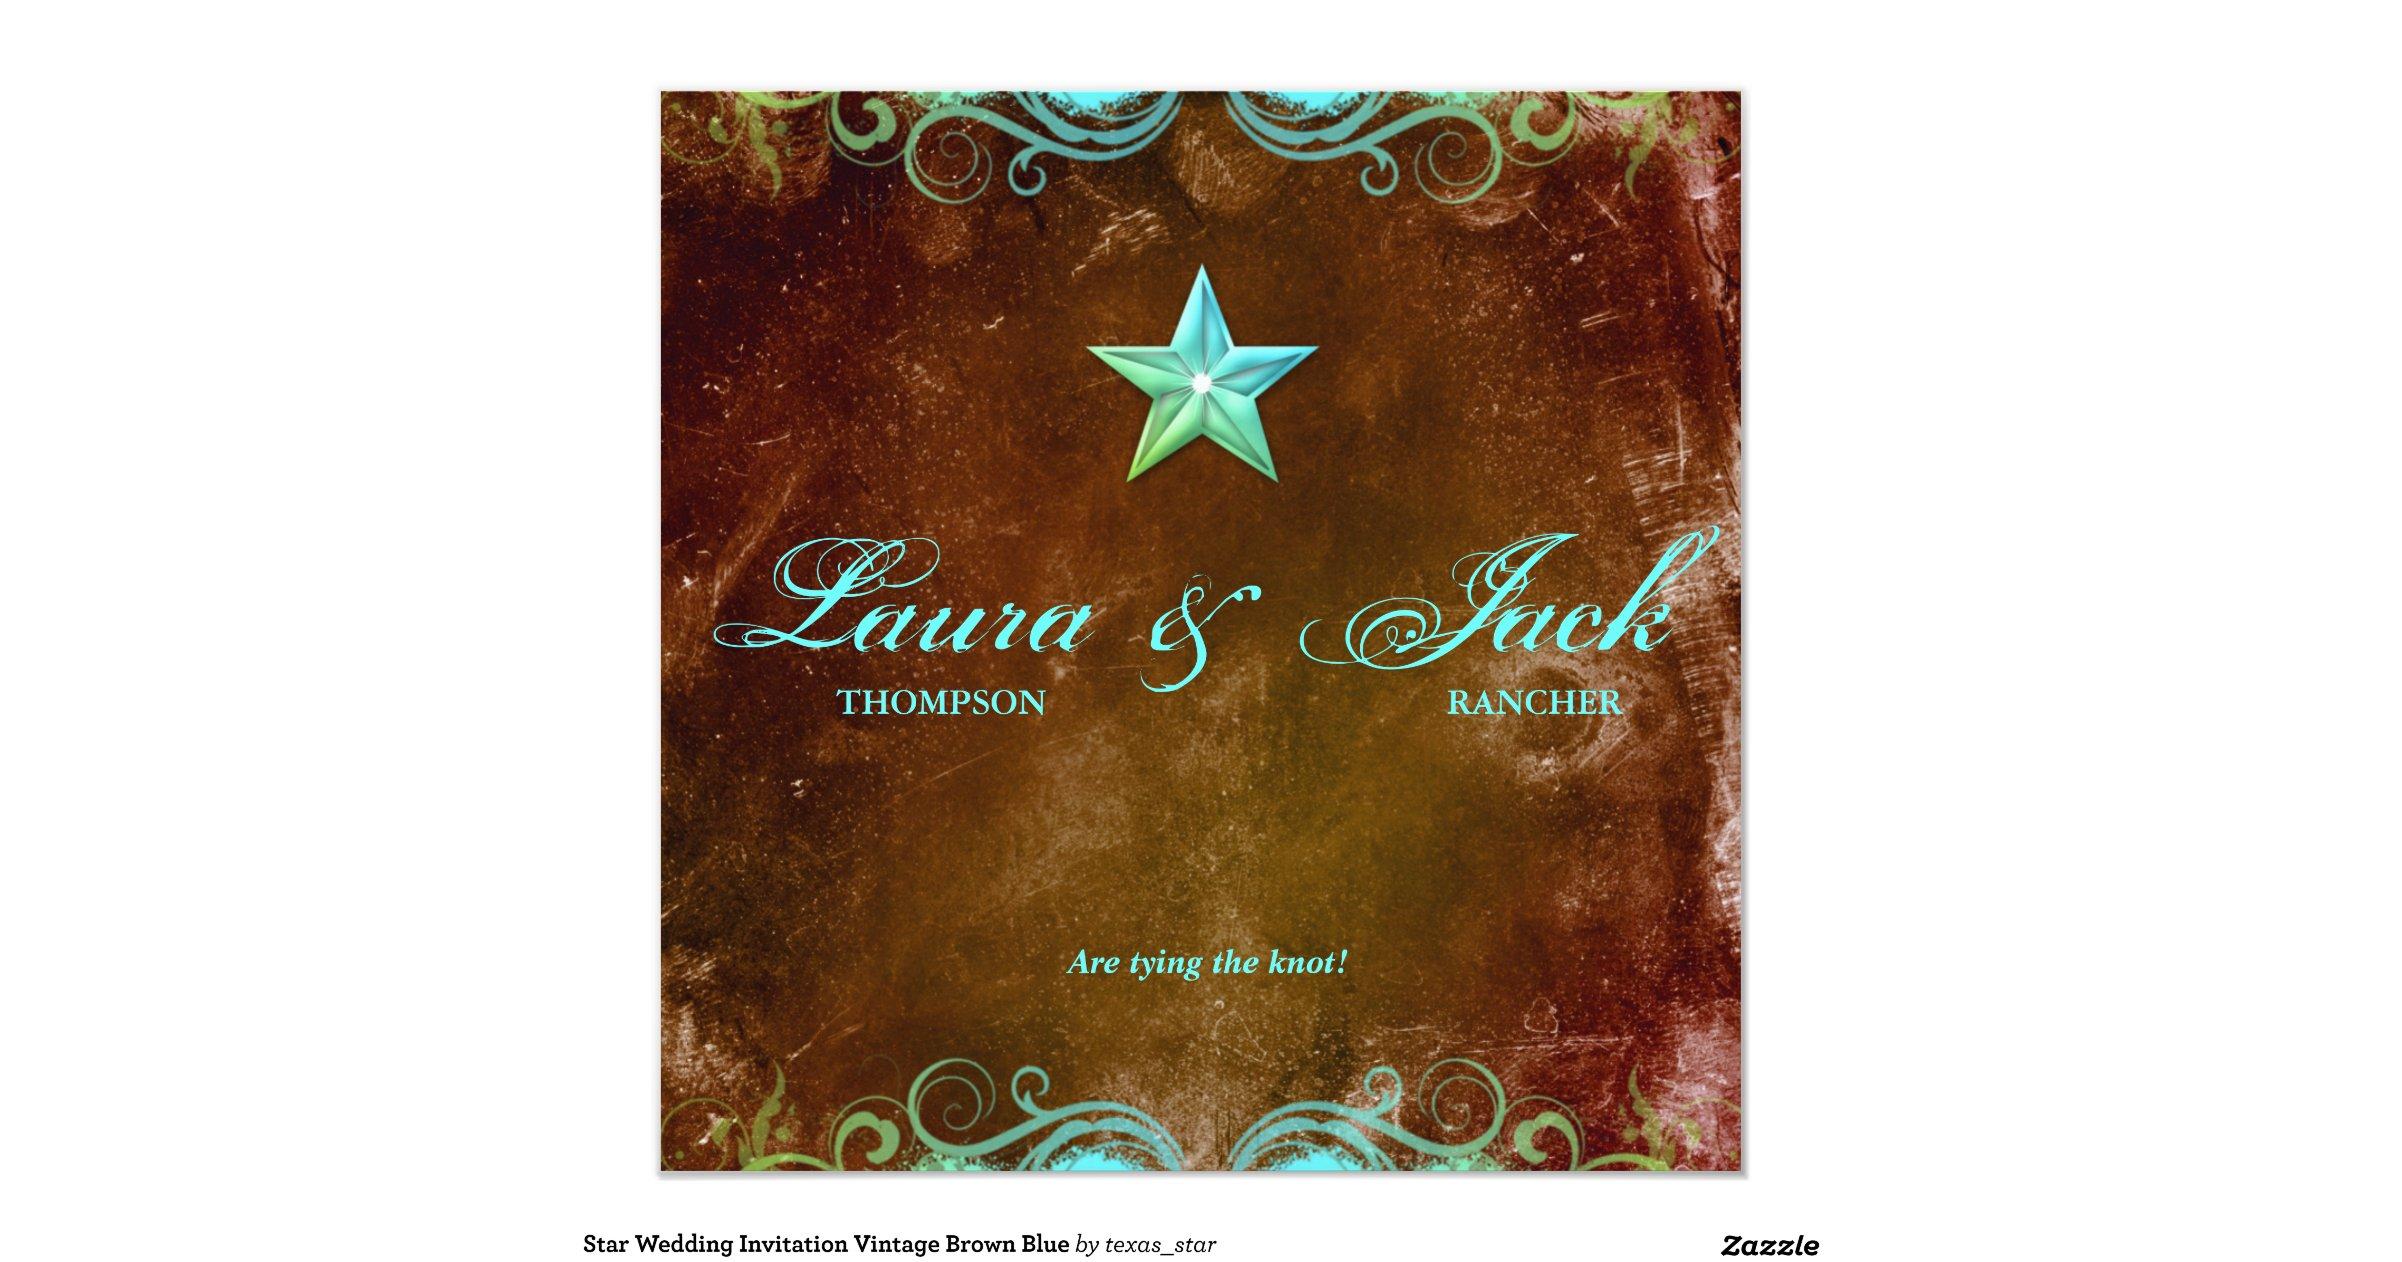 Star Wedding Invitations: Star_wedding_invitation_vintage_brown_blue